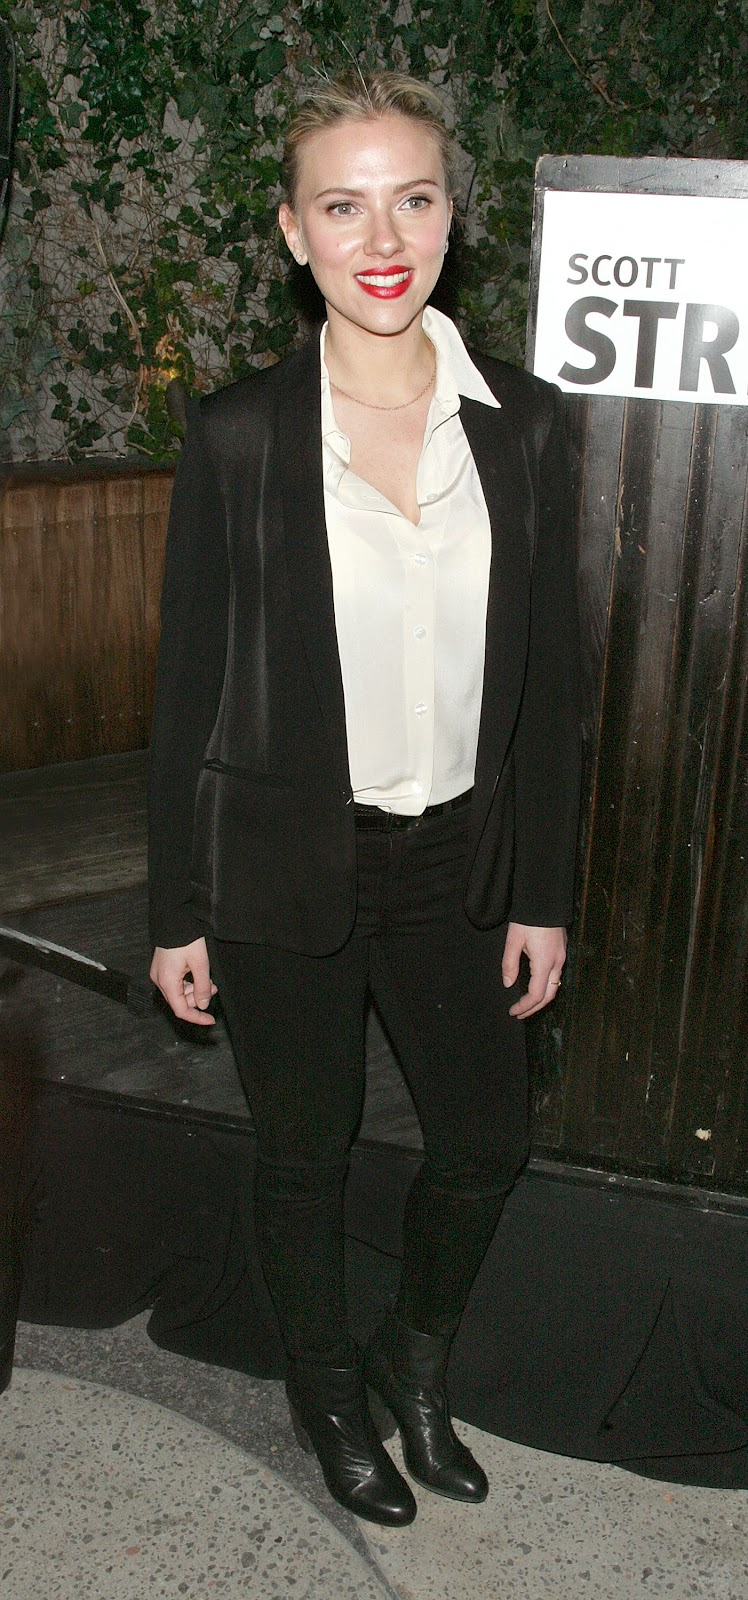 Ladies In Satin Blouses Scarlett Johansson White Blouse